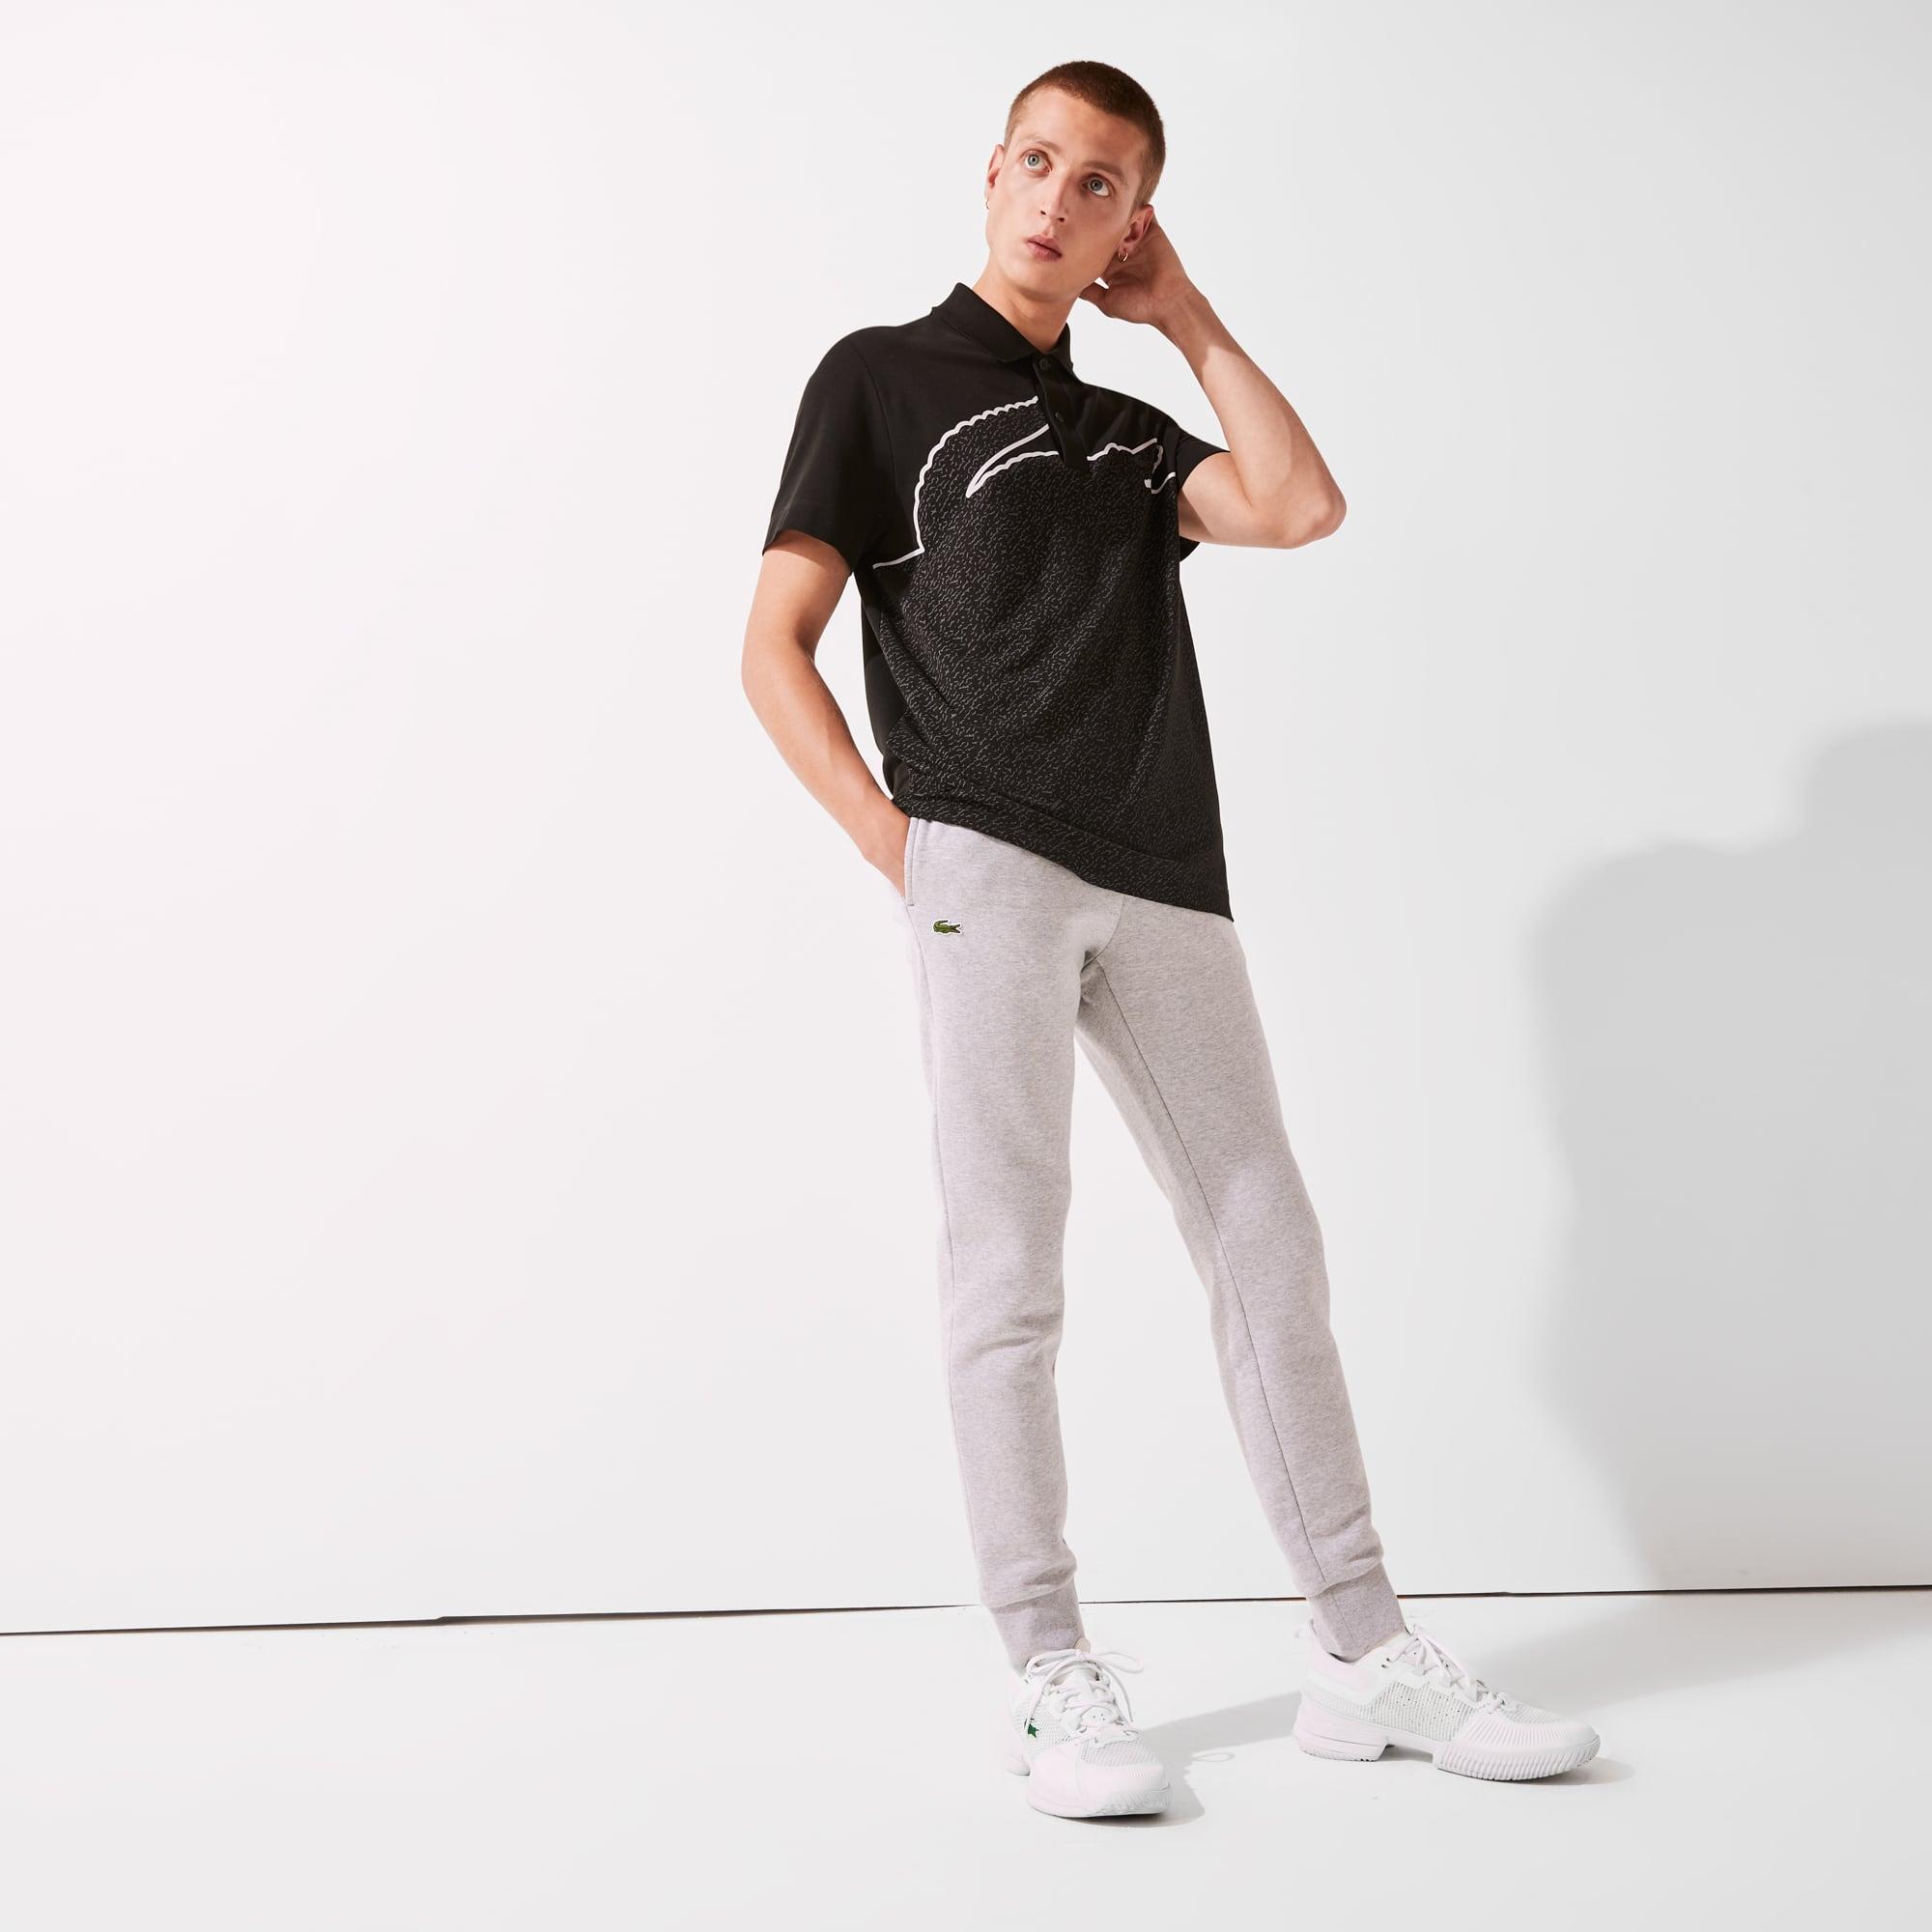 Lacoste SPORT Tennis-trainingsbroek heren katoenfleece